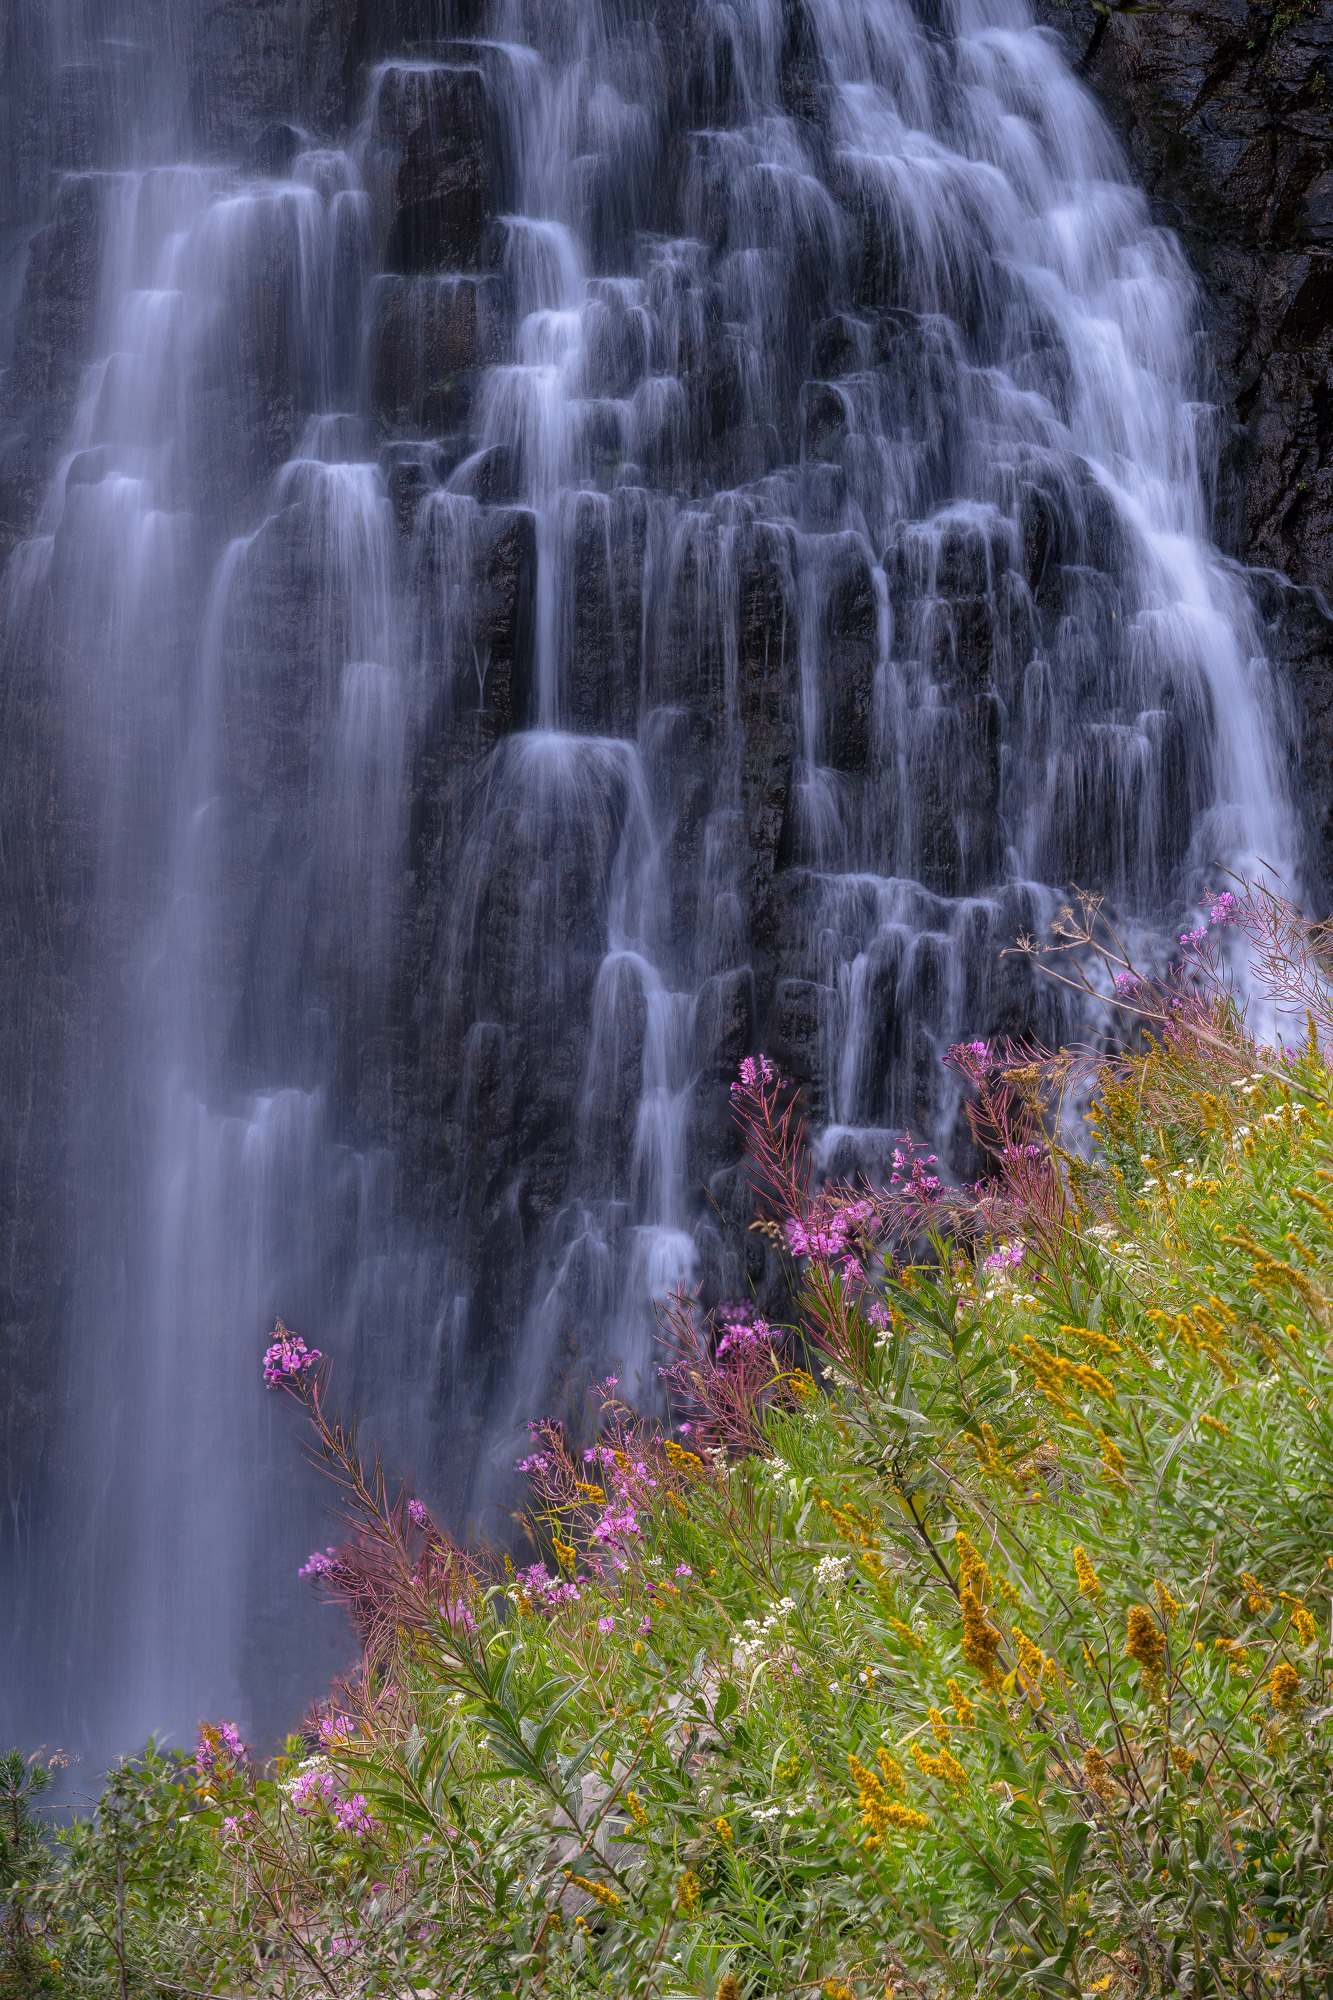 Watering the Flowers.jpg